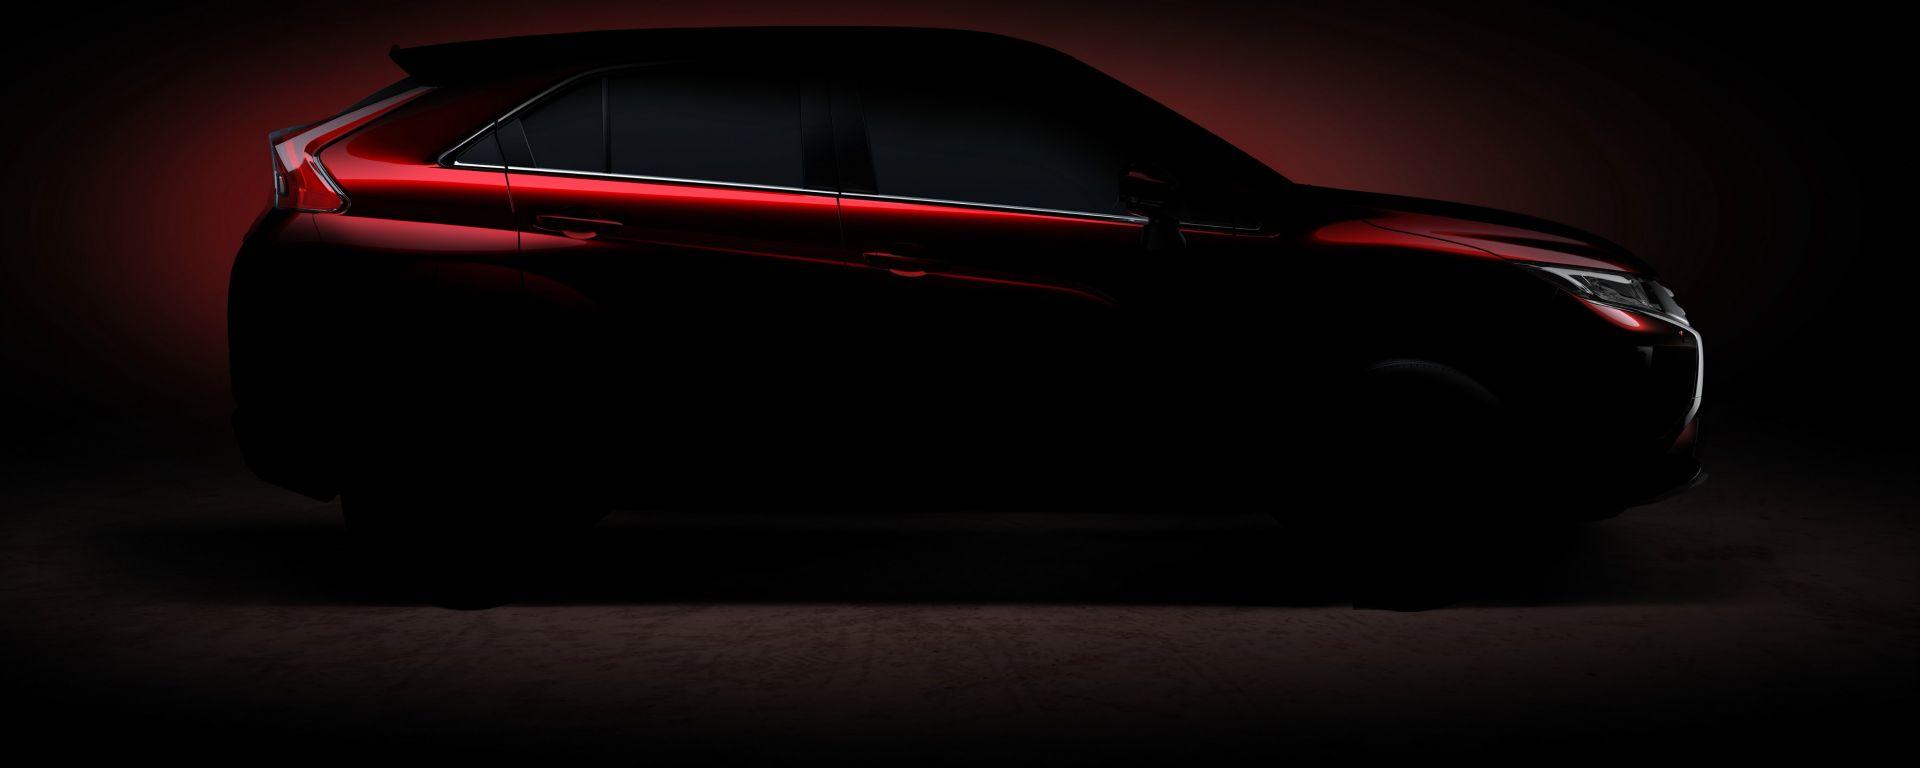 Mitsubishi: ecco il nuovo SUV compatto che presenterà al salone di Ginevra